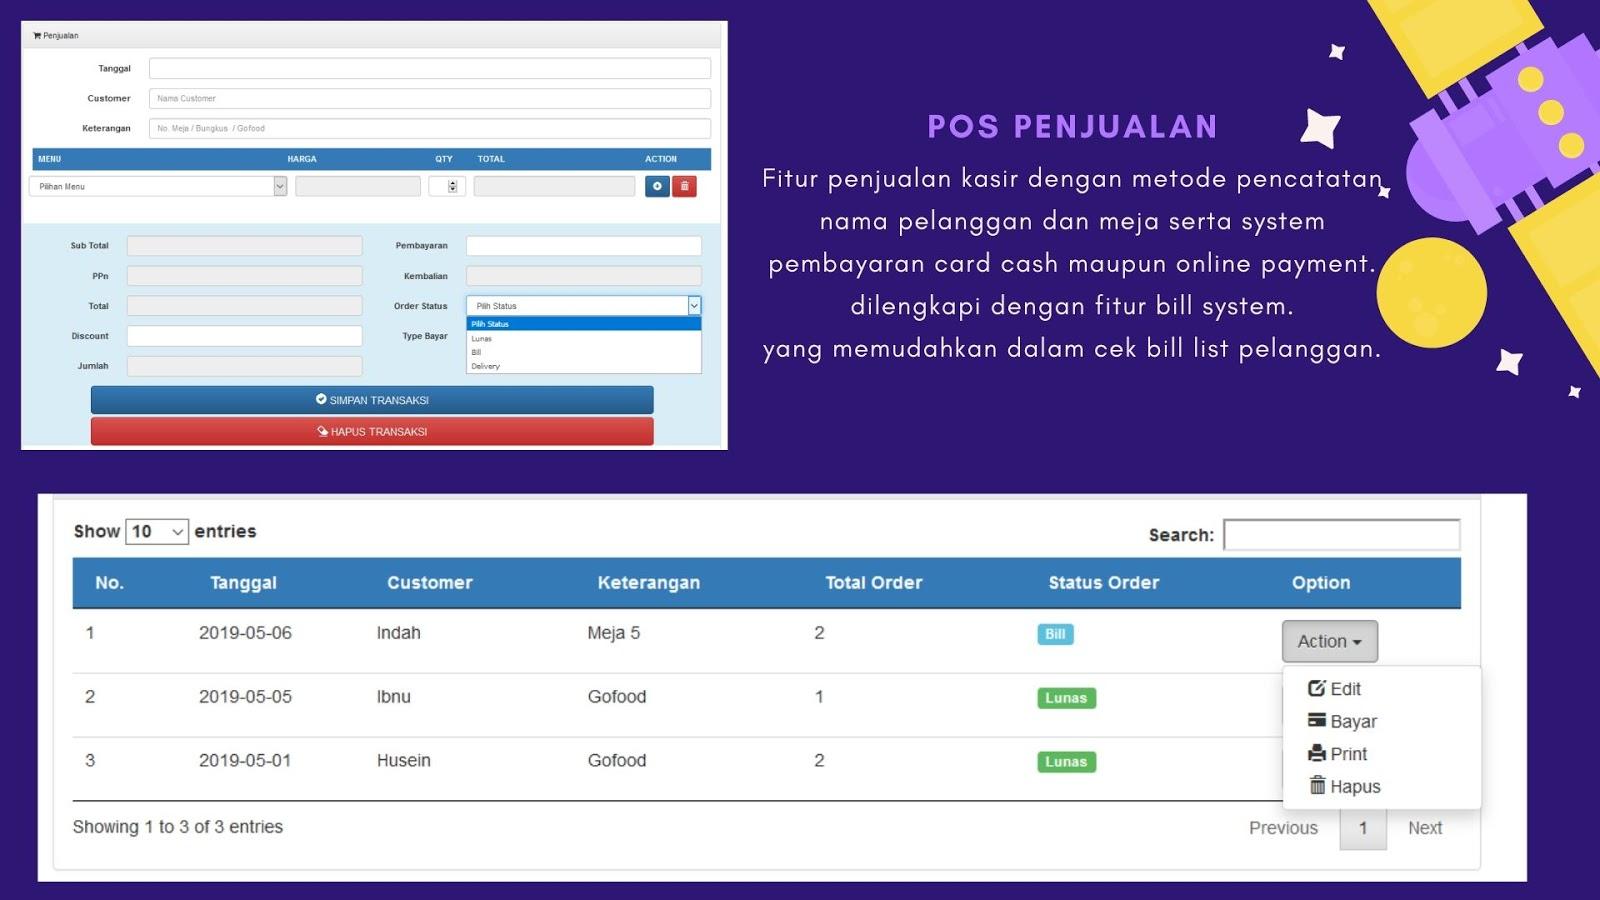 aplikasi restoran online,software program kasir restoran cafe rumah makan,kuliner